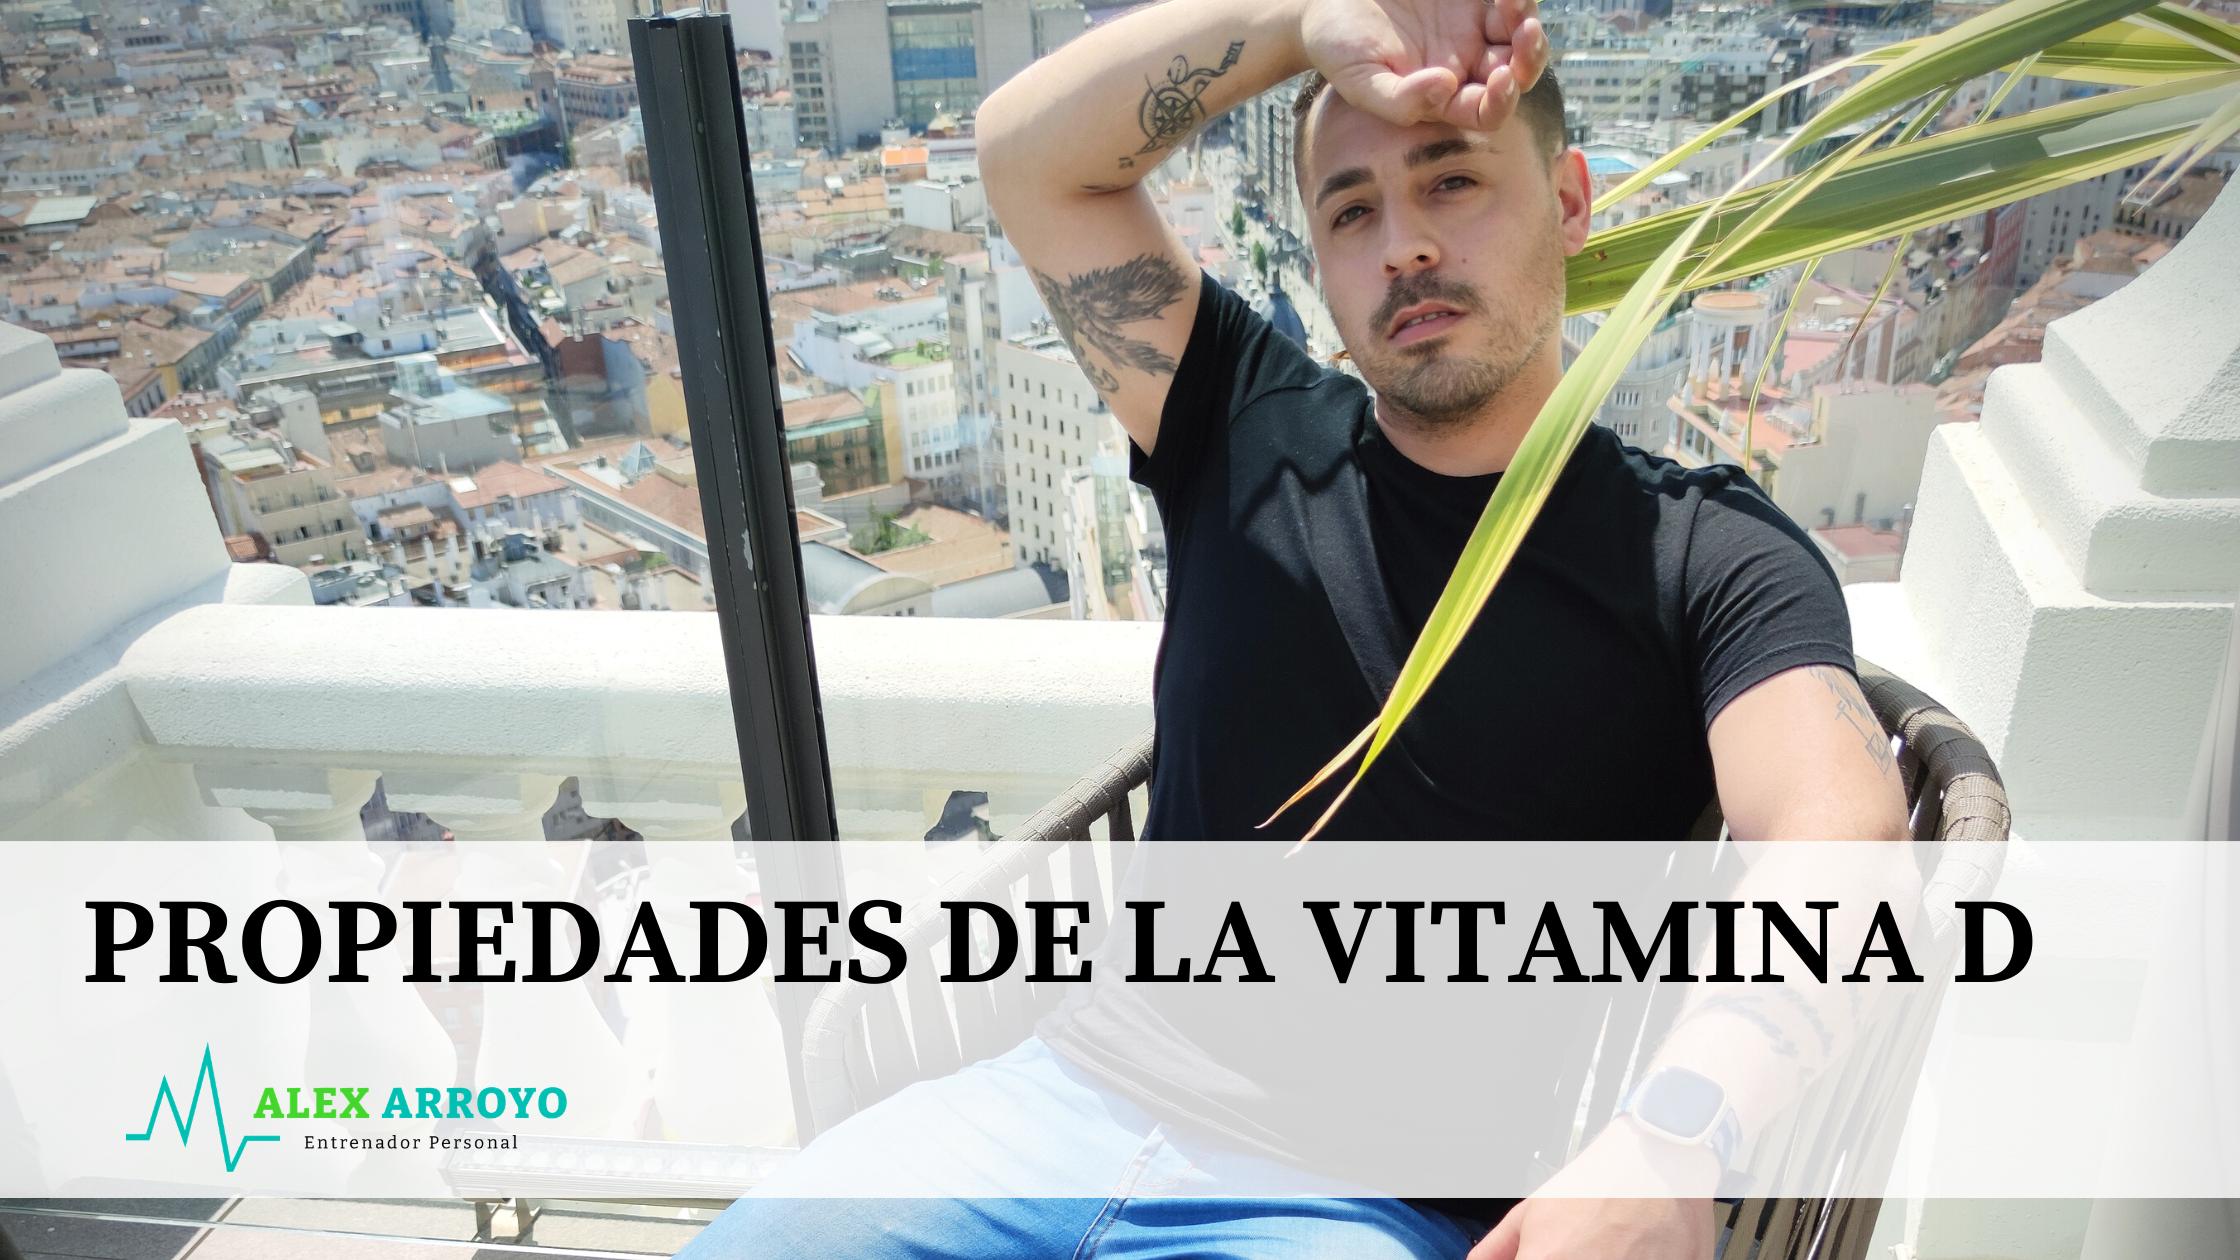 Propiedades de la vitamina D. Hablamos de los beneficios y de las propiedades que contiene la vitamina D